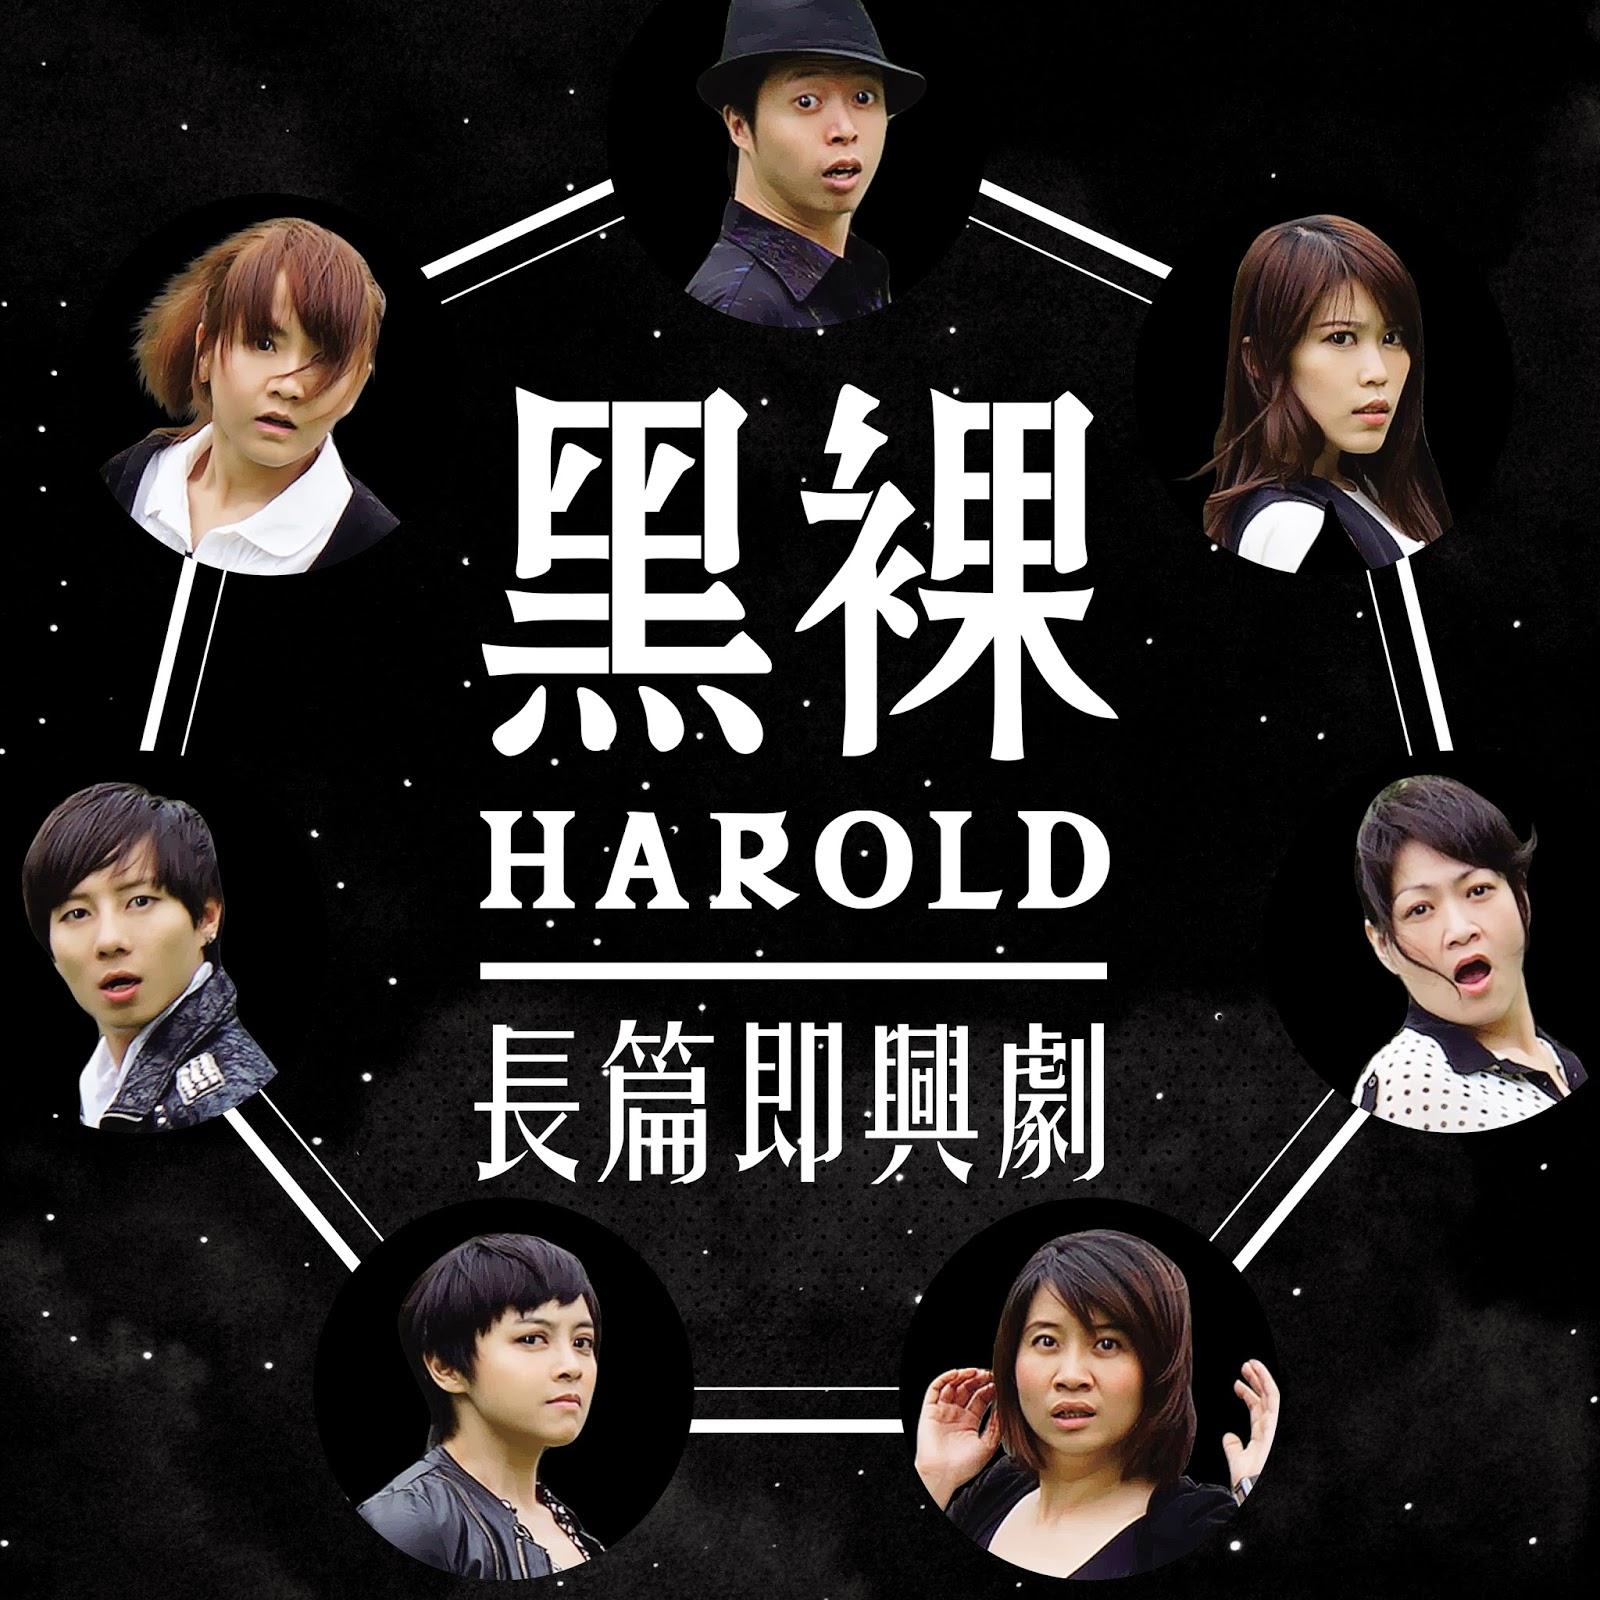 HAROLD_300DPI